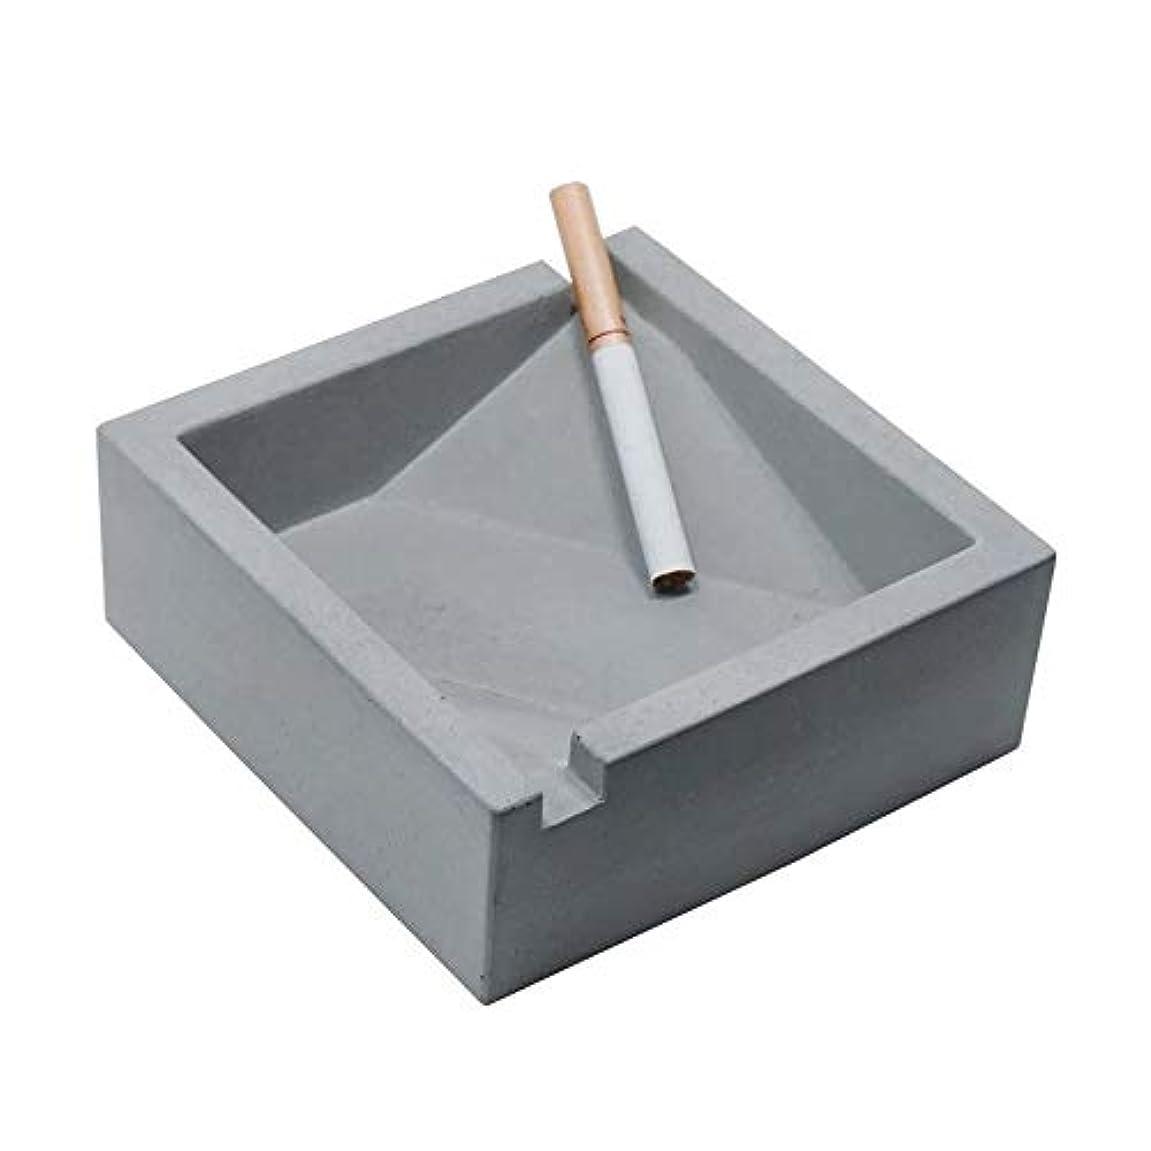 シーンやさしくヘアヴィンテージリビングルームオフィスコーヒーテーブル装飾灰皿、セメント灰皿工業用風スクエアコンクリートシガレット灰皿、品質保証